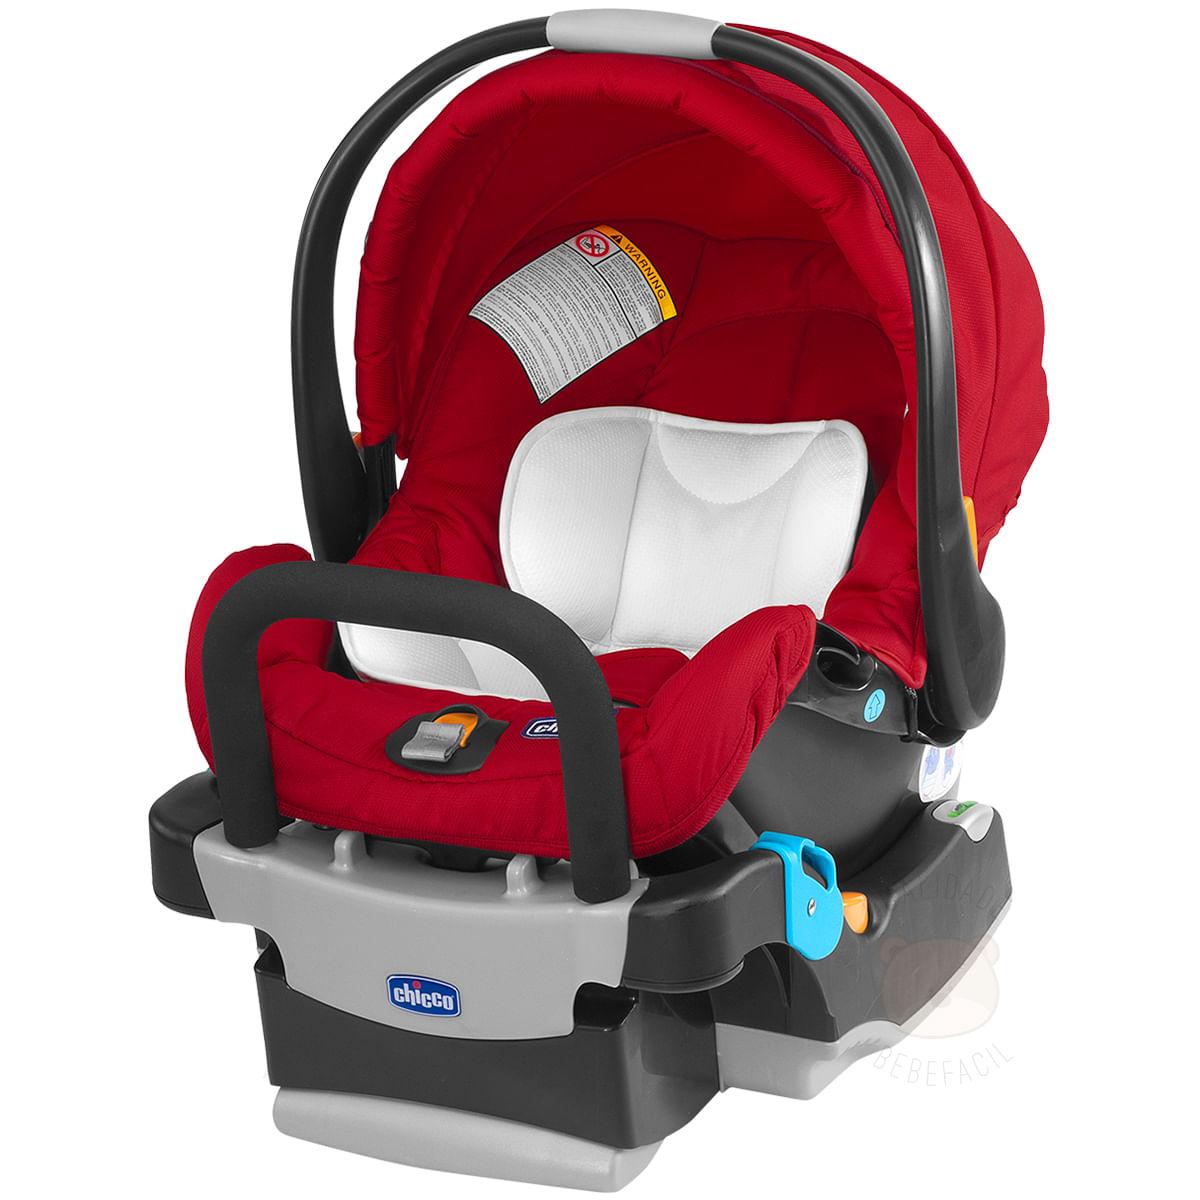 86f9621017b6a Bebê Conforto c  BaseKeyfit Chicco no Bebefacil onde você encontra tudo em  roupas e enxoval para bebês - bebefacil